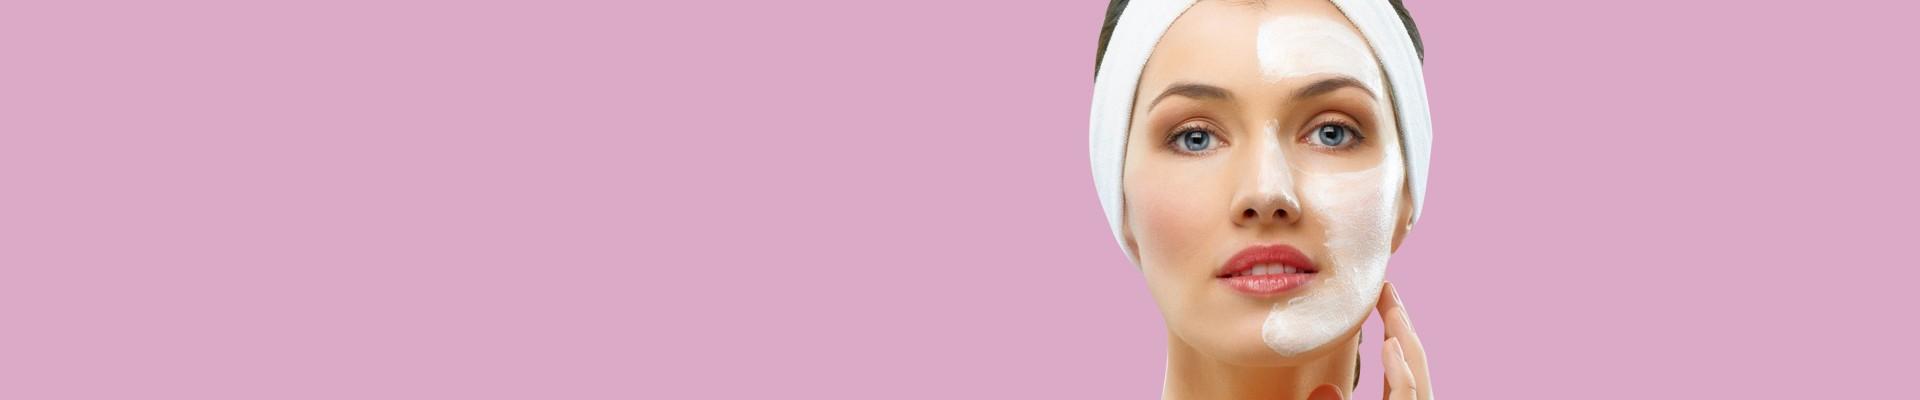 Jual Produk Perawatan & Kecantikan Kulit Wajah